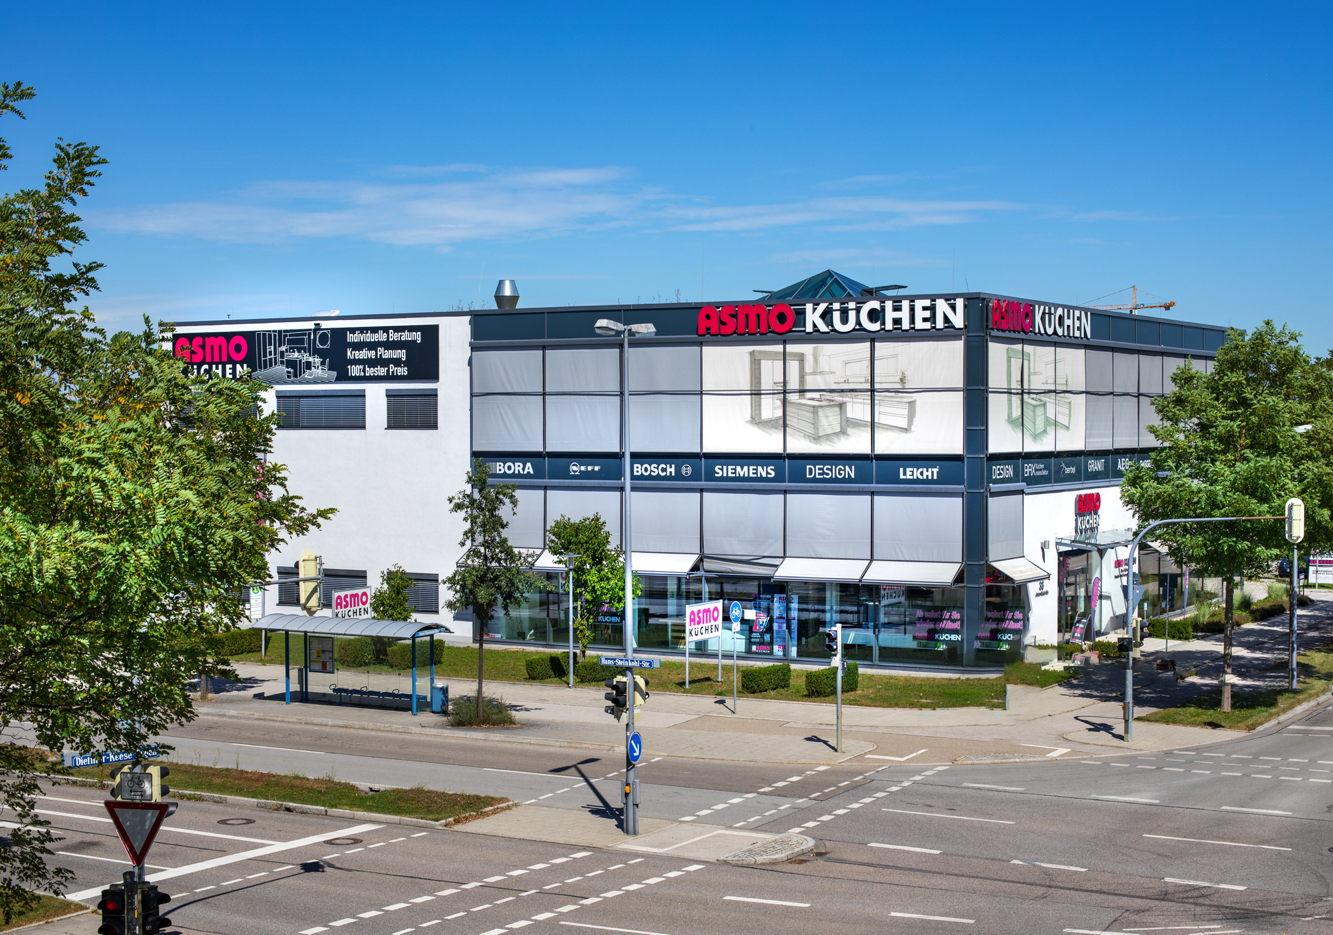 ASMO KÜCHEN München-West/Freiham Küchenmöbelgeschäft Anton-Böck-Strasse 38 81249 München Einzugsgebiete Bayern Deutschland Montag 09:00–19:00 Dienstag 09:00–19:00 Mittwoch 09:00–19:00 Donnerstag 09:00–19:00 Freitag 09:00–19:00 Samstag 09:00–18:00 Sonntag Geschlossen 089 8971330 http://www.asmo.de/